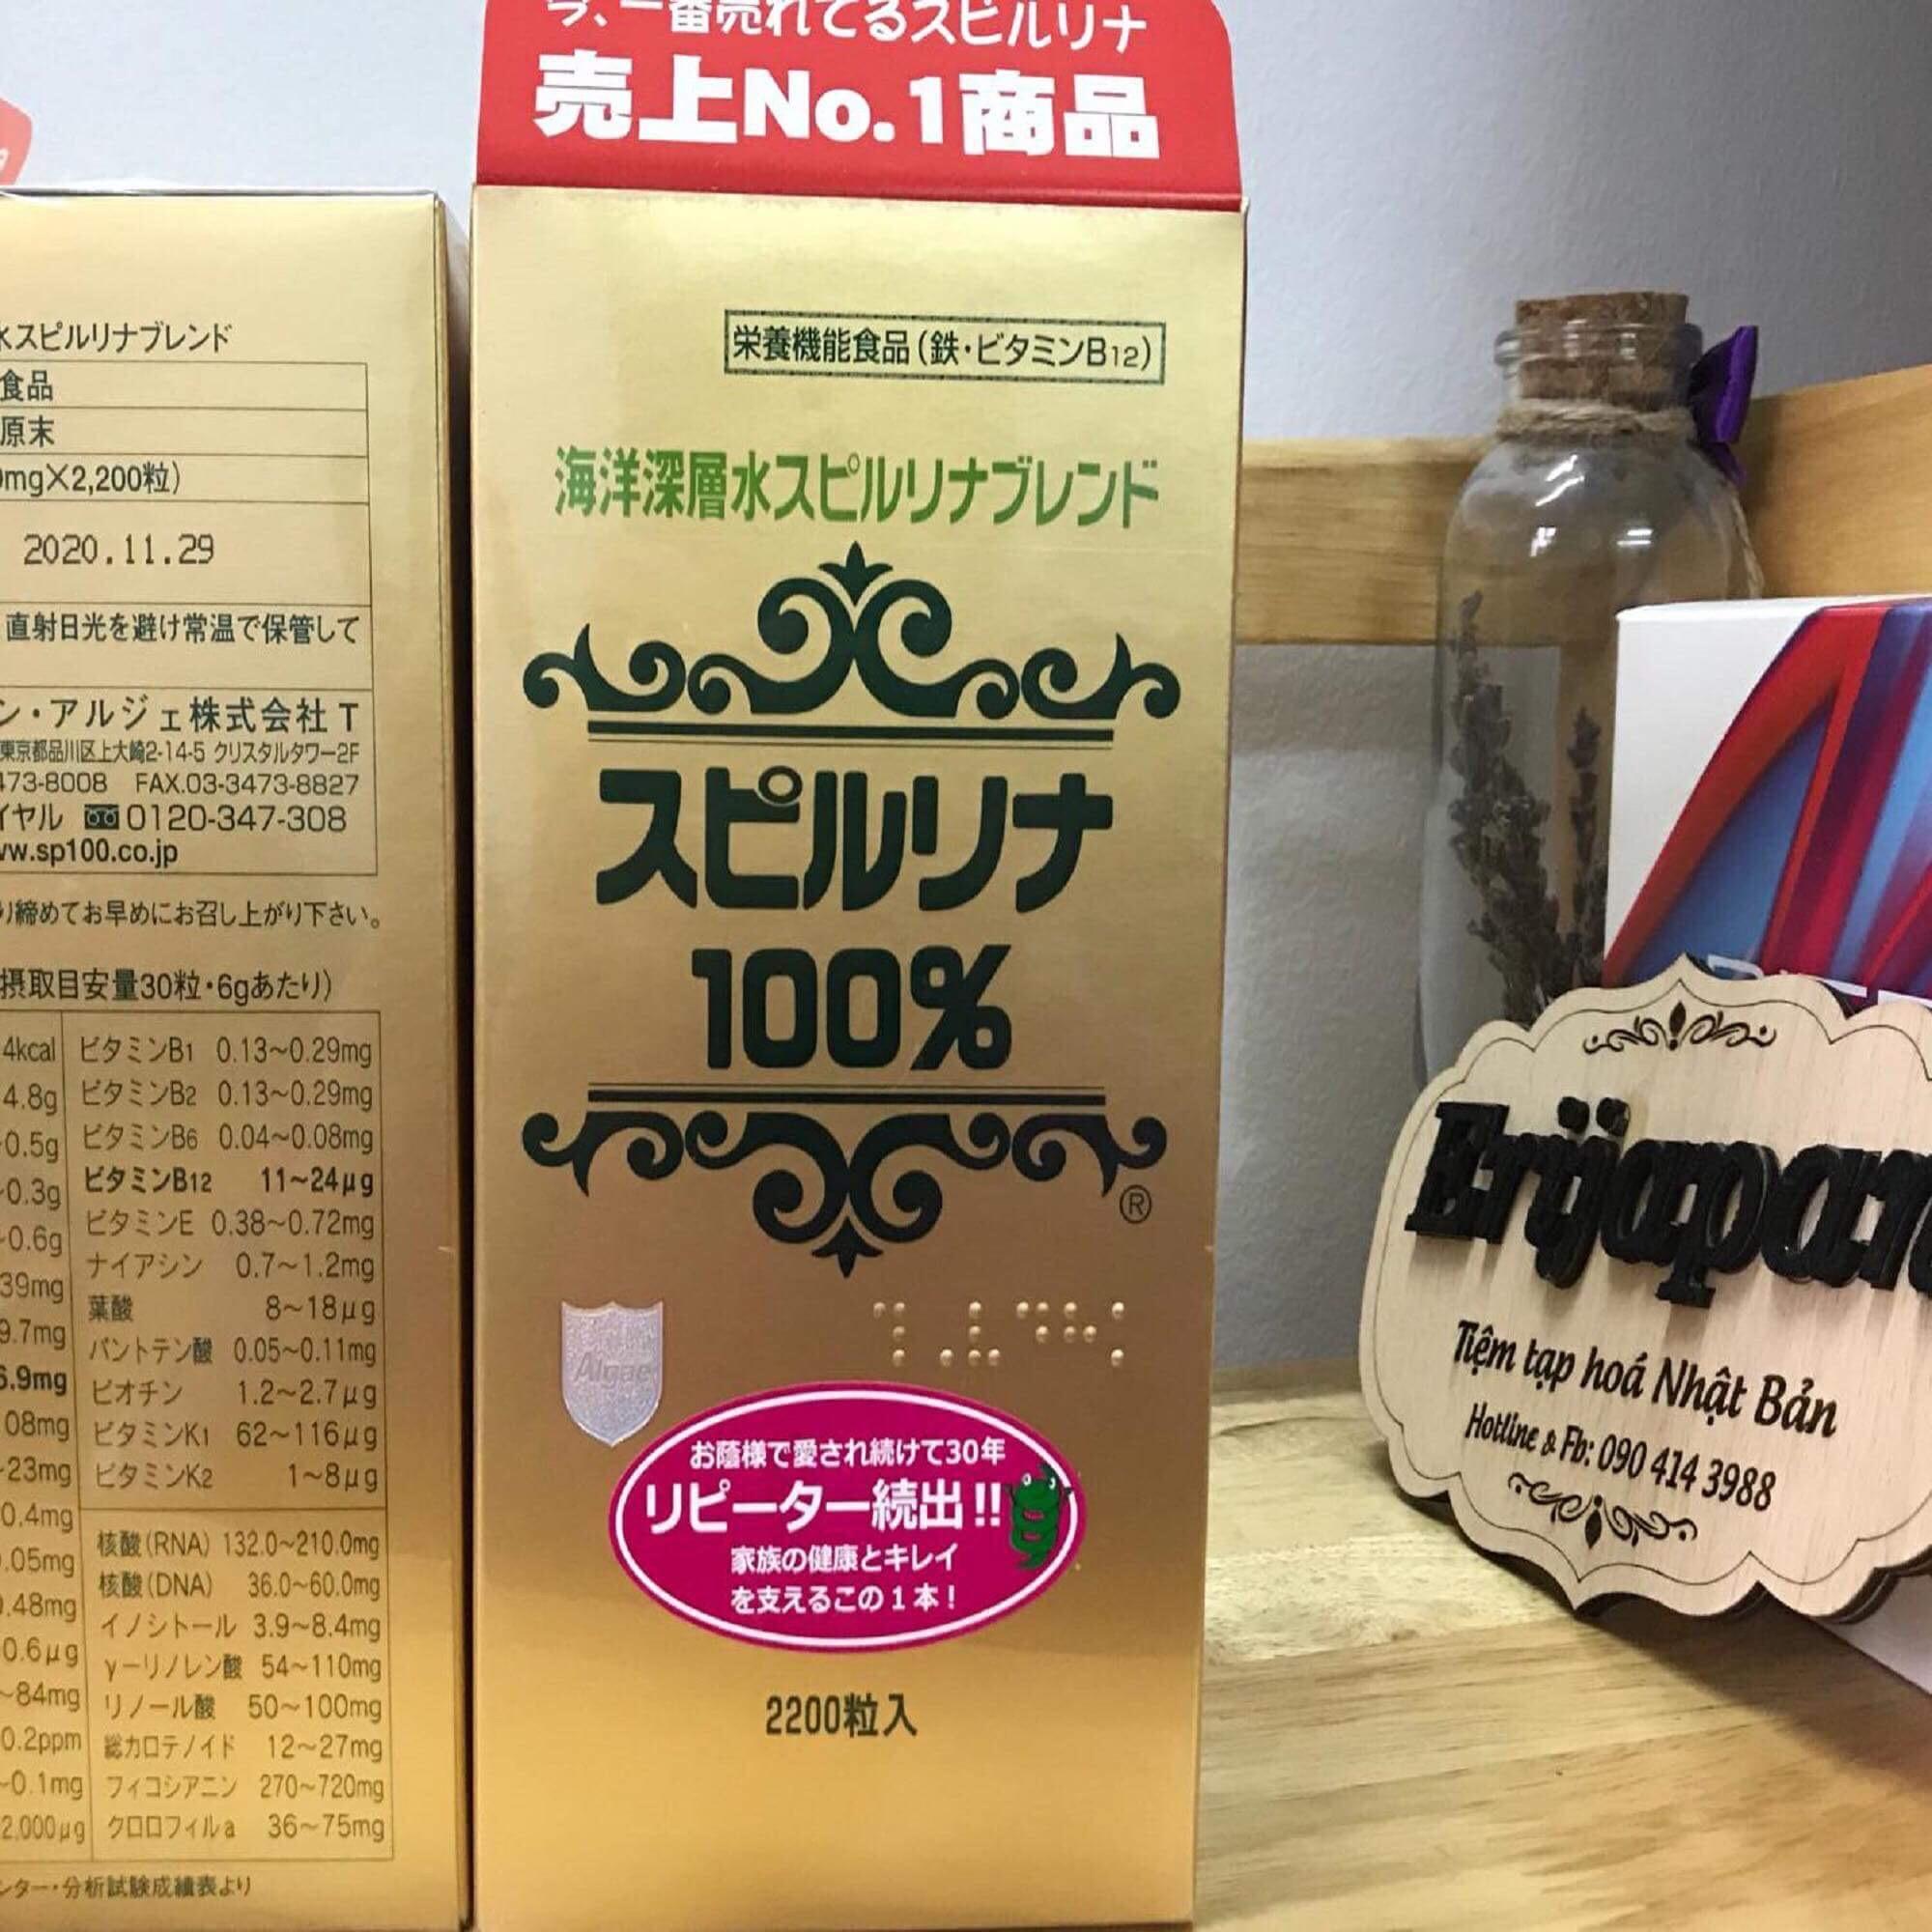 Hình ảnh Tảo xoắn Spirulina 2200 viên tem đỏ siêu thị Nhật Bản date 2021